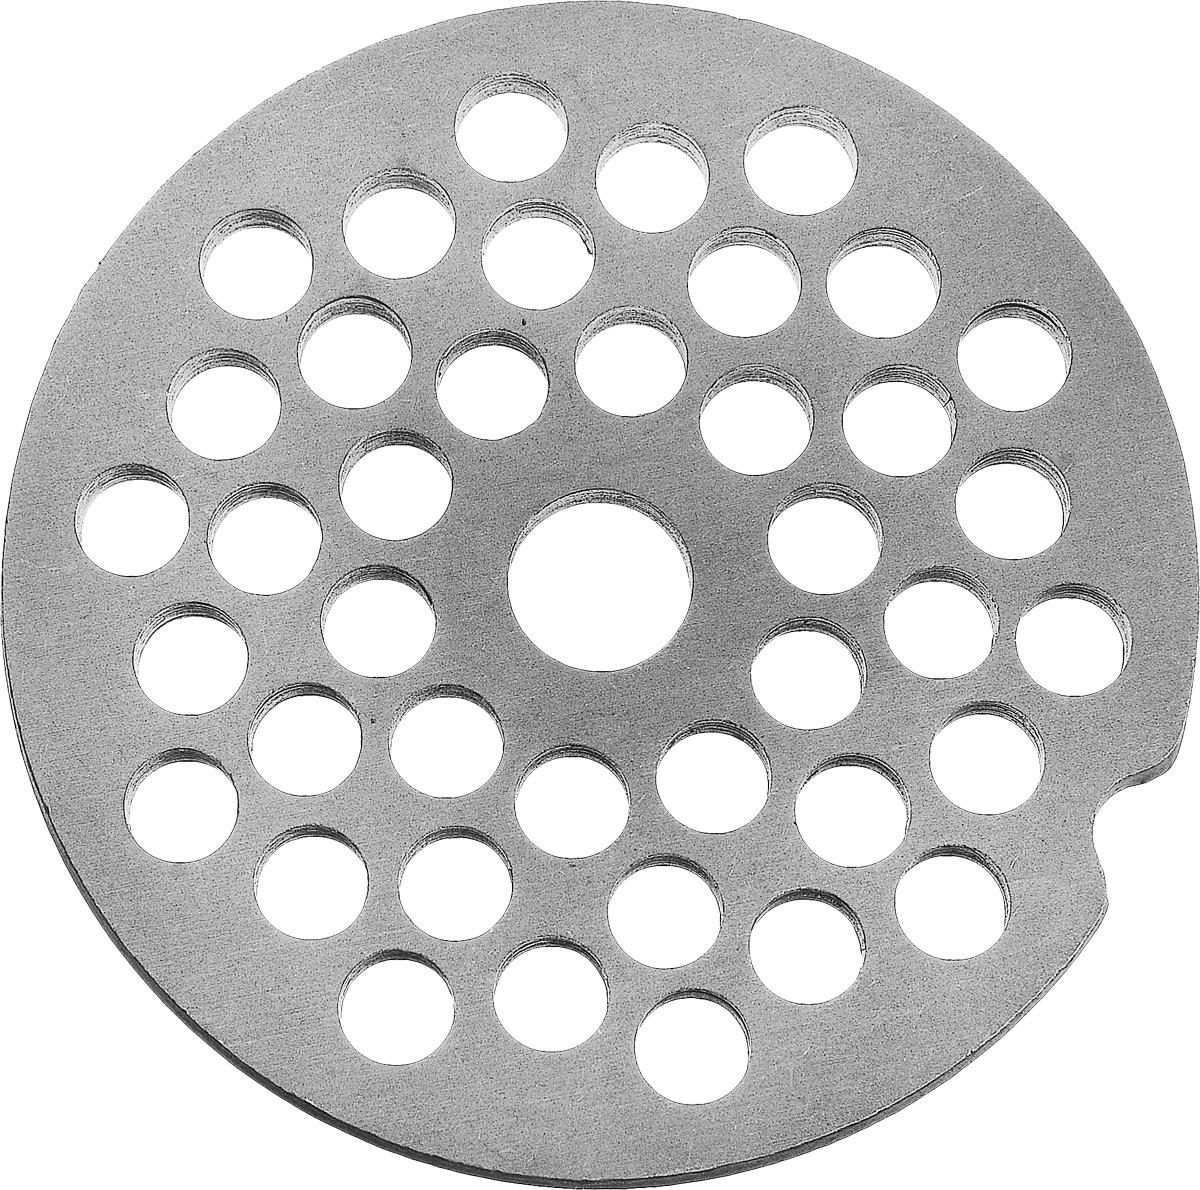 Аксион 21327585 решетка для мясорубки4607159821188Универсальная решетка Аксион 21327585 предназначена для работы с электрическими и ручными мясорубками. Она с легкостью заменит фирменную деталь, не уступив ей по качеству и сроку службы. Диаметр отверстий в решетке: 5 мм